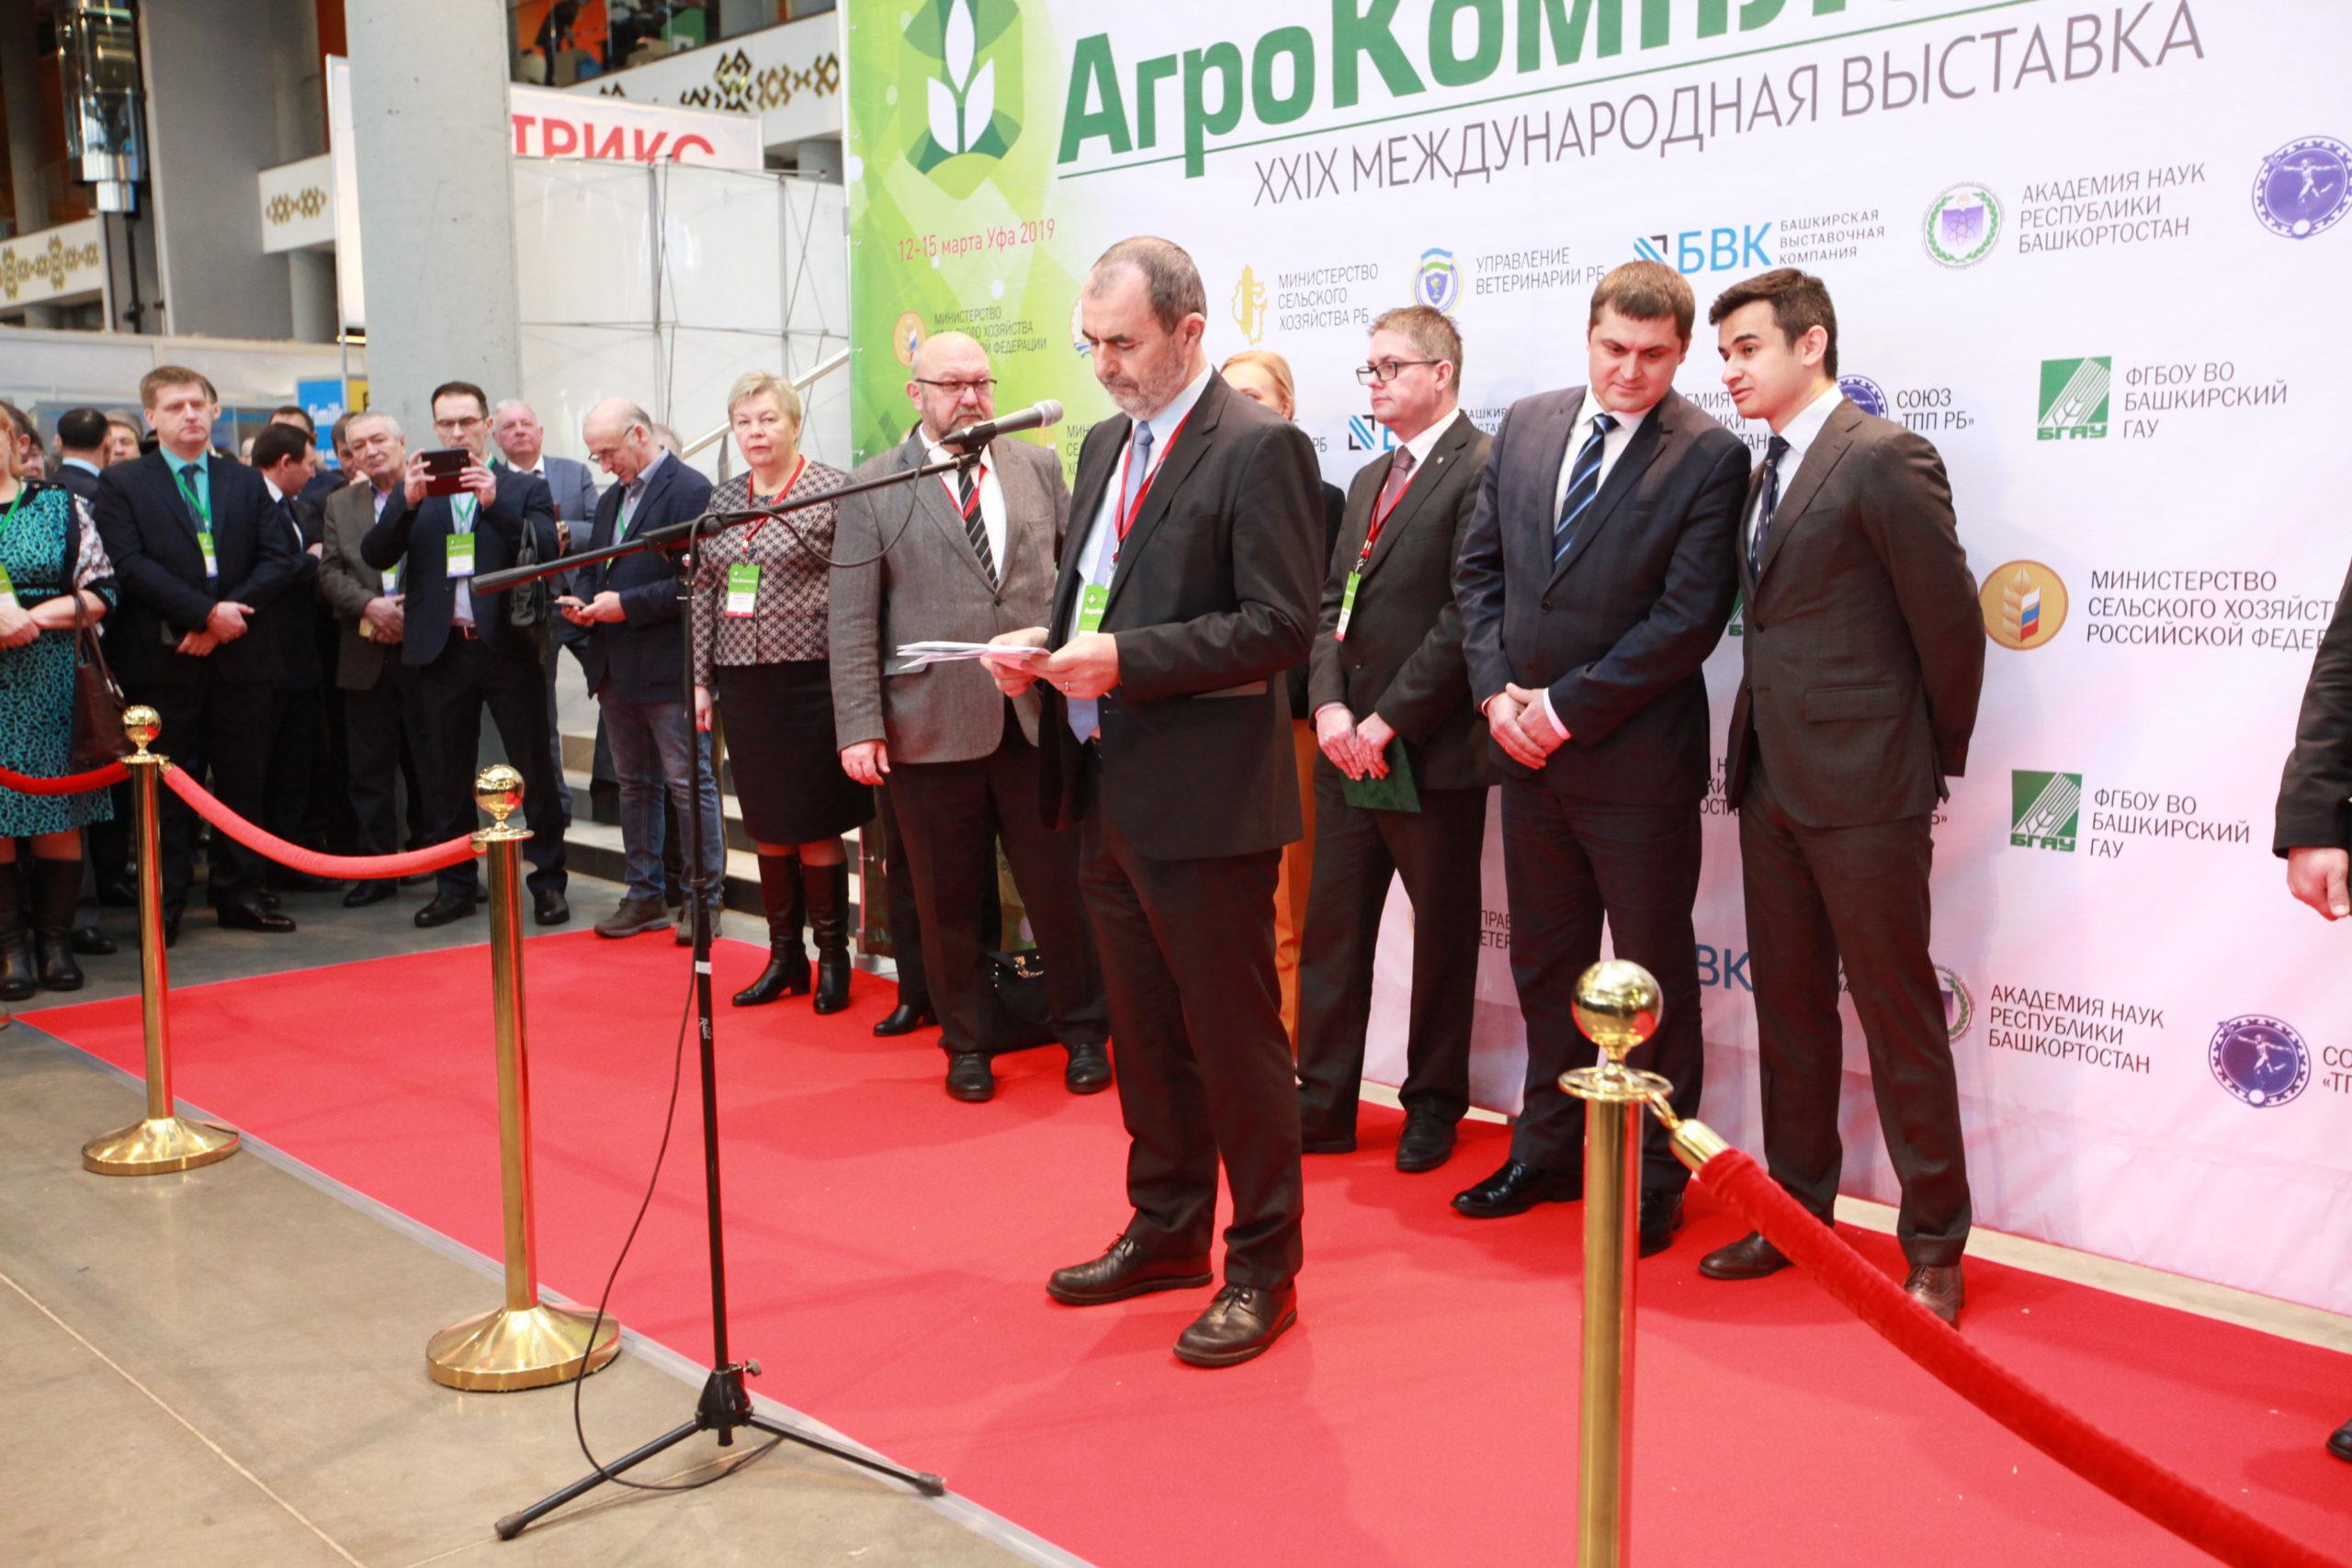 Состоялось официальное открытие Агропромышленного форума и 29-й международной выставки АГРОКОМПЛЕКС-2019.